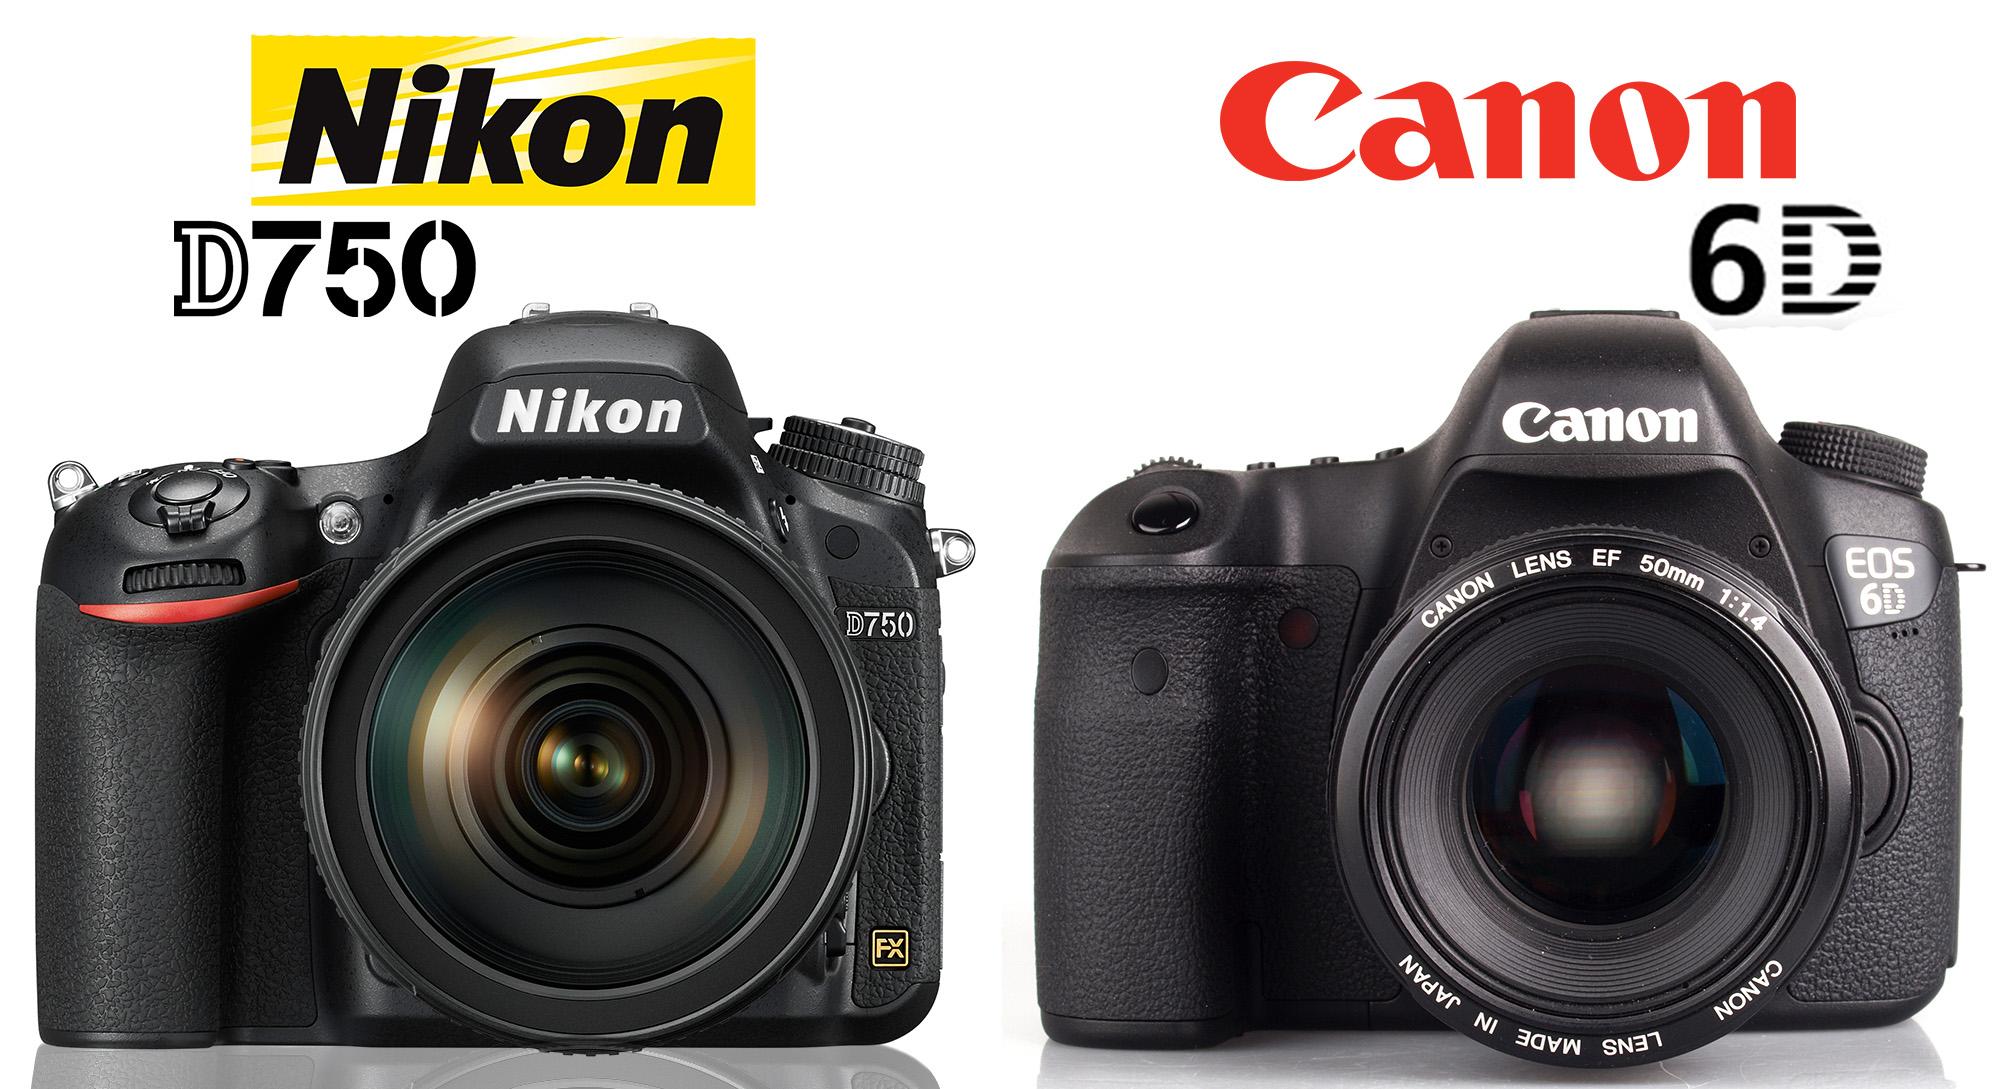 مقایسه Canon 6D و Nikon D750   مجله پیکسلدر این مطلب قصد دارم به مقایسه ی این دوربین جدید نیکون و نزدیک ترین رقیبش  در برند کانن، یعنی 6D بپردازم. احتمالا با خودتان بگویید که این مقایسه ی  منصفانه ای ...